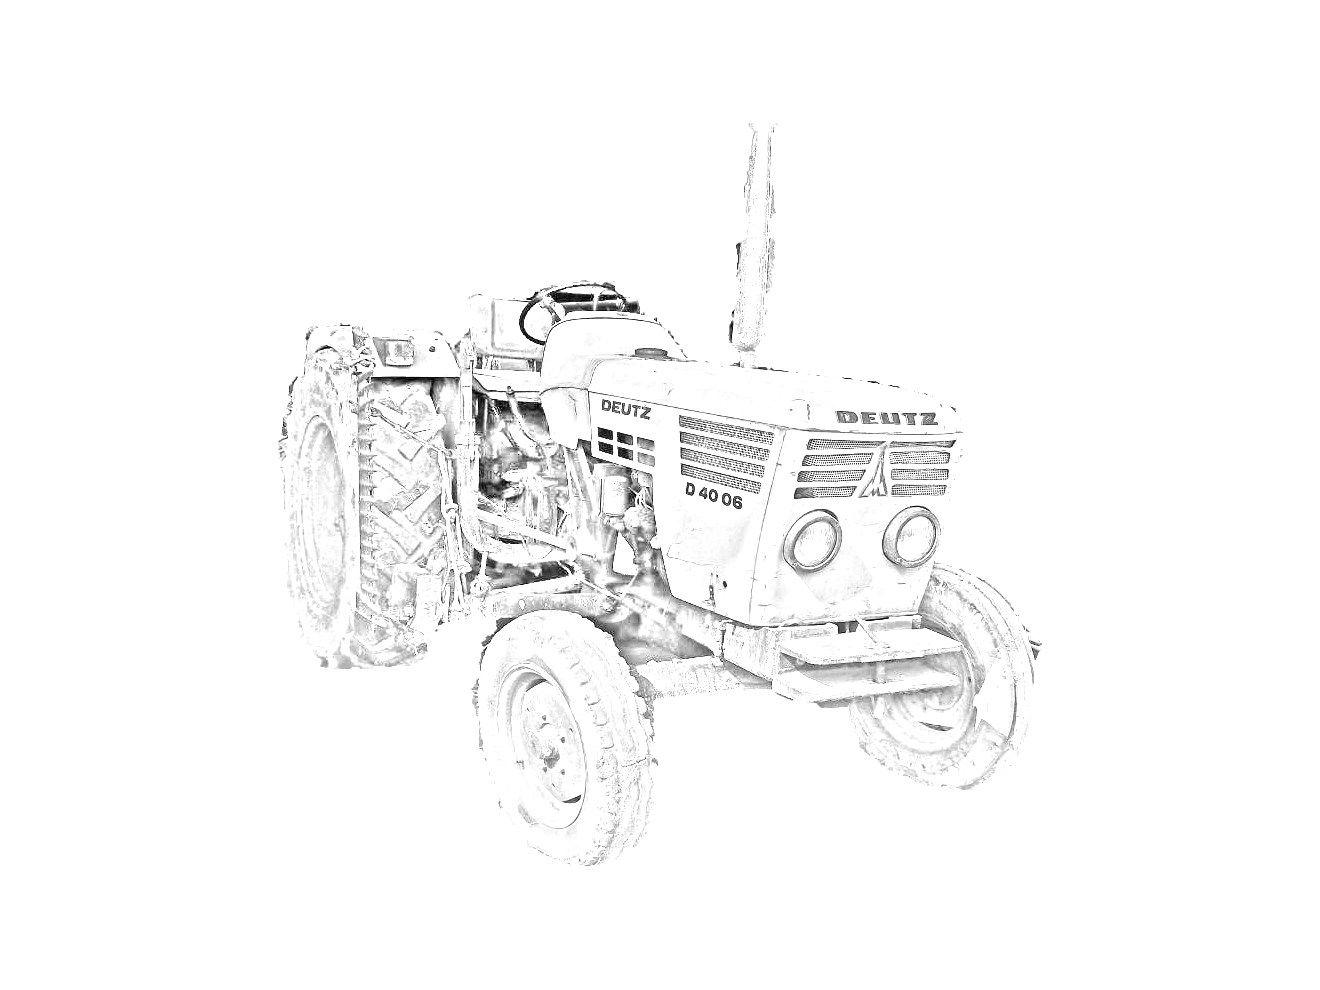 Ausmalbilder Traktor Mit Pflug : Altro Disegno Del Trattore Deutz Fahr D 40 06 Da Stampare E Colorare